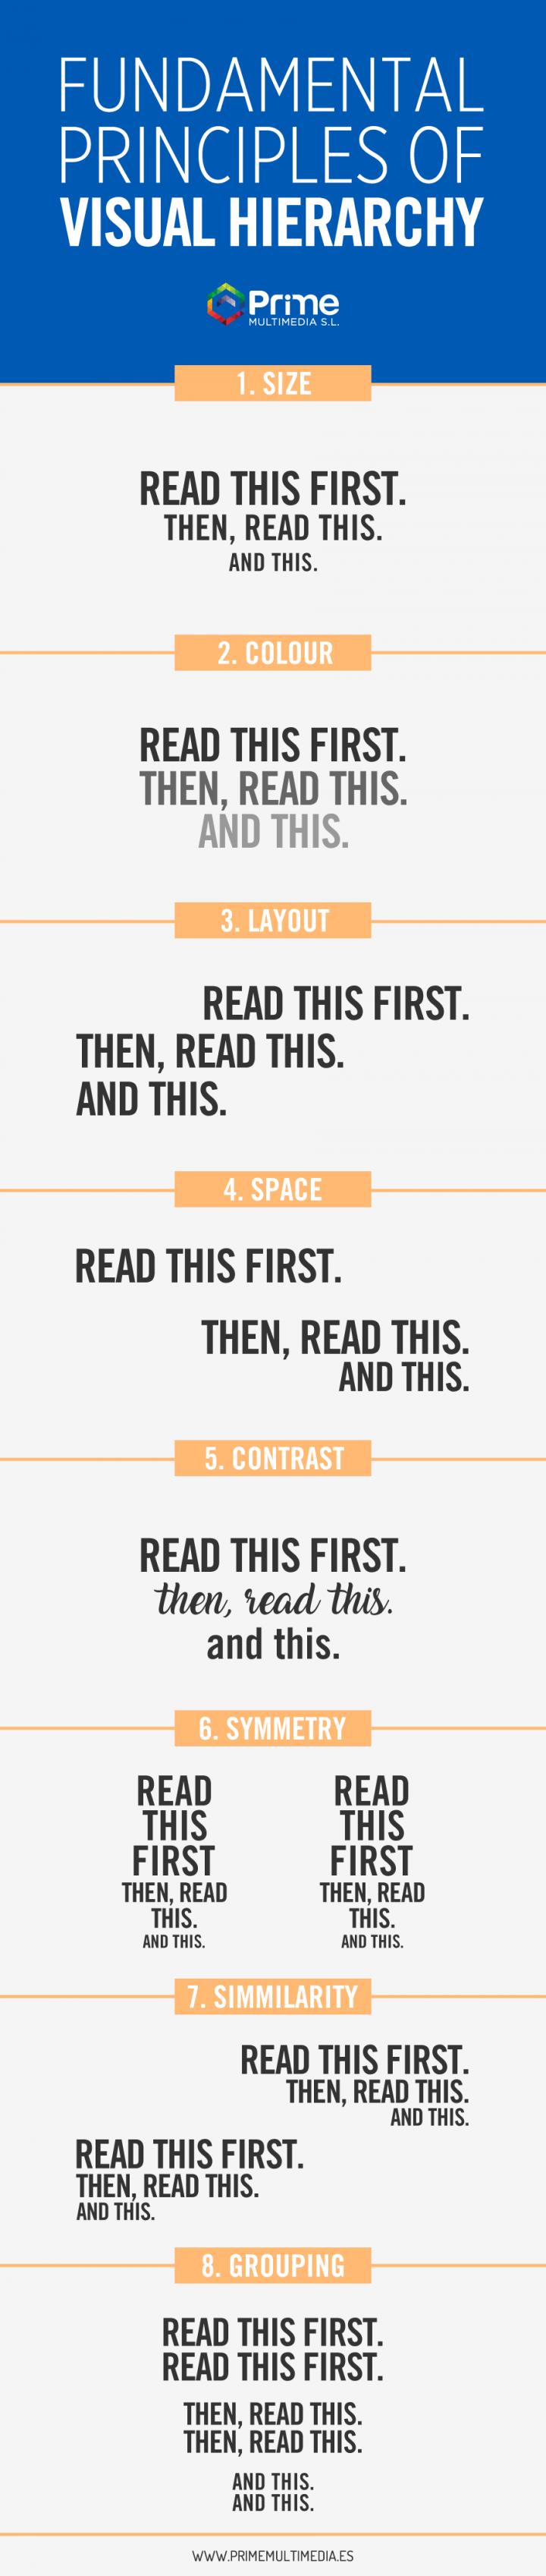 Fundamental principles of visual hierarchy